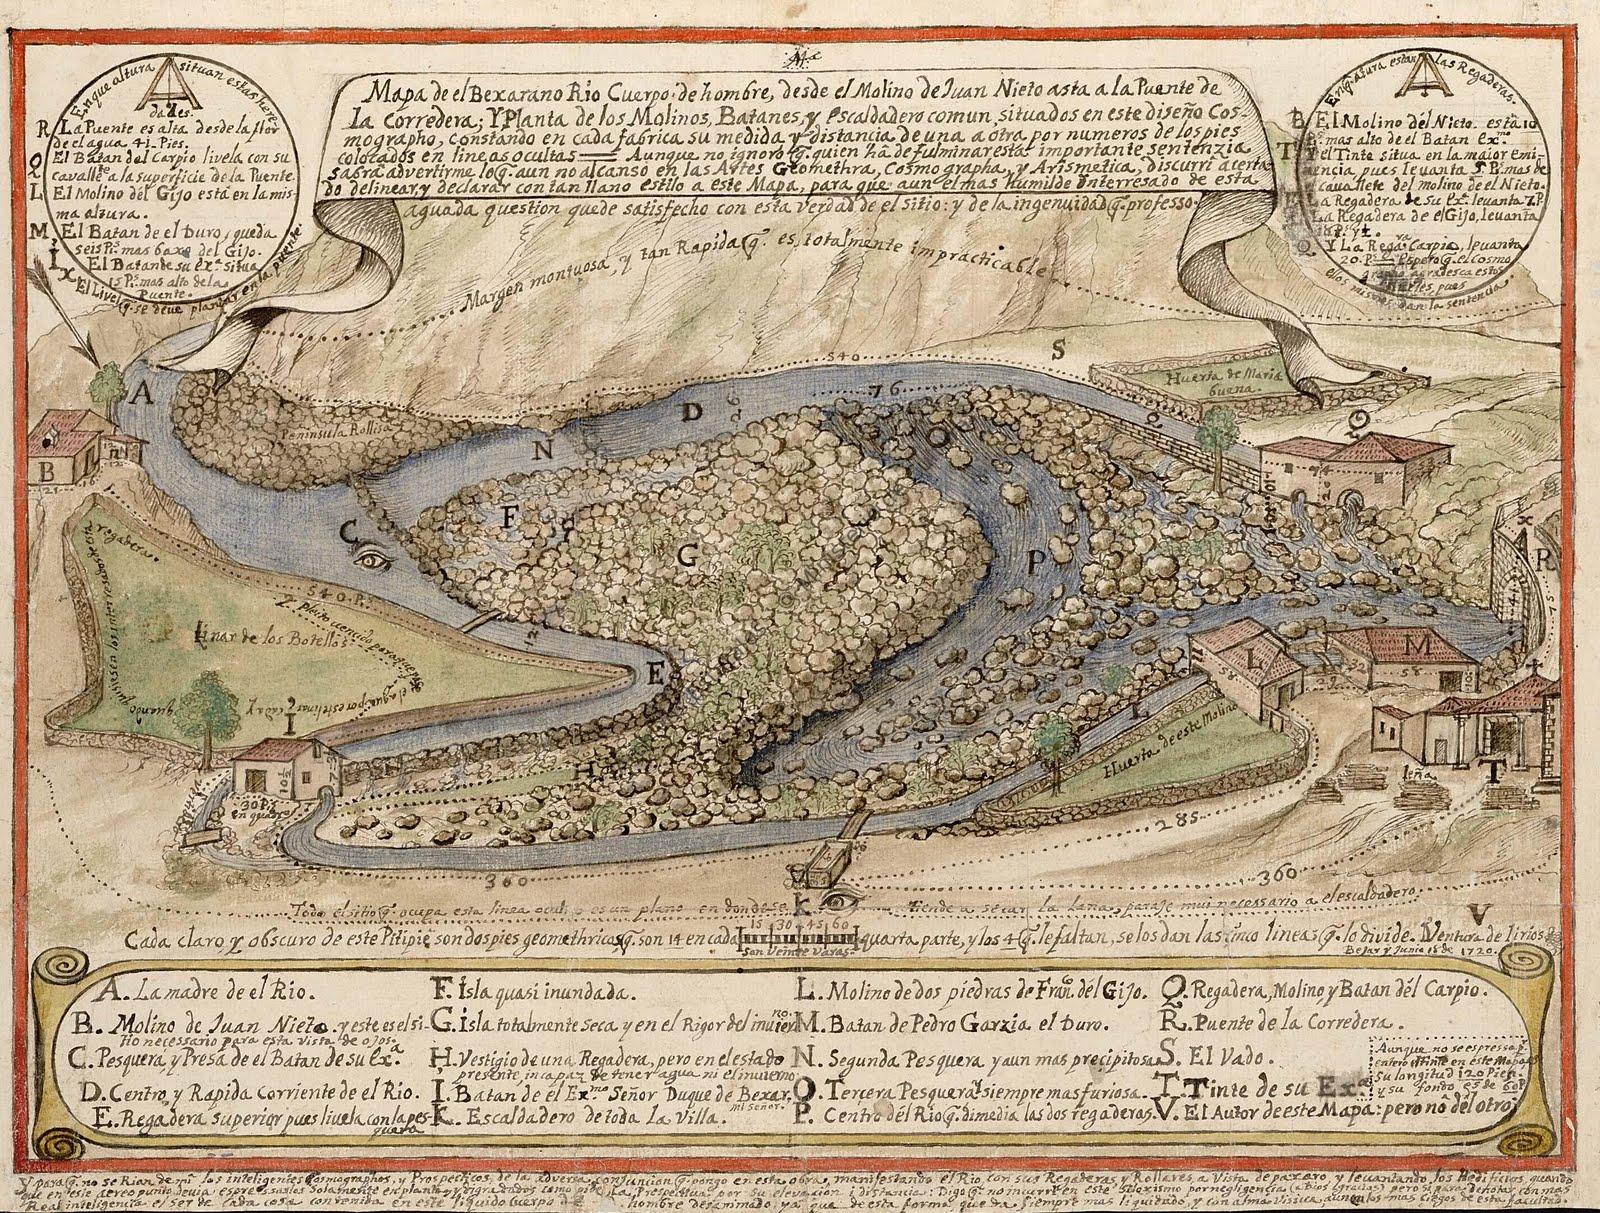 Mapa del río Cuerpo de Hombre desde el molino de juan nieto al puente de la Corredera en Bejar